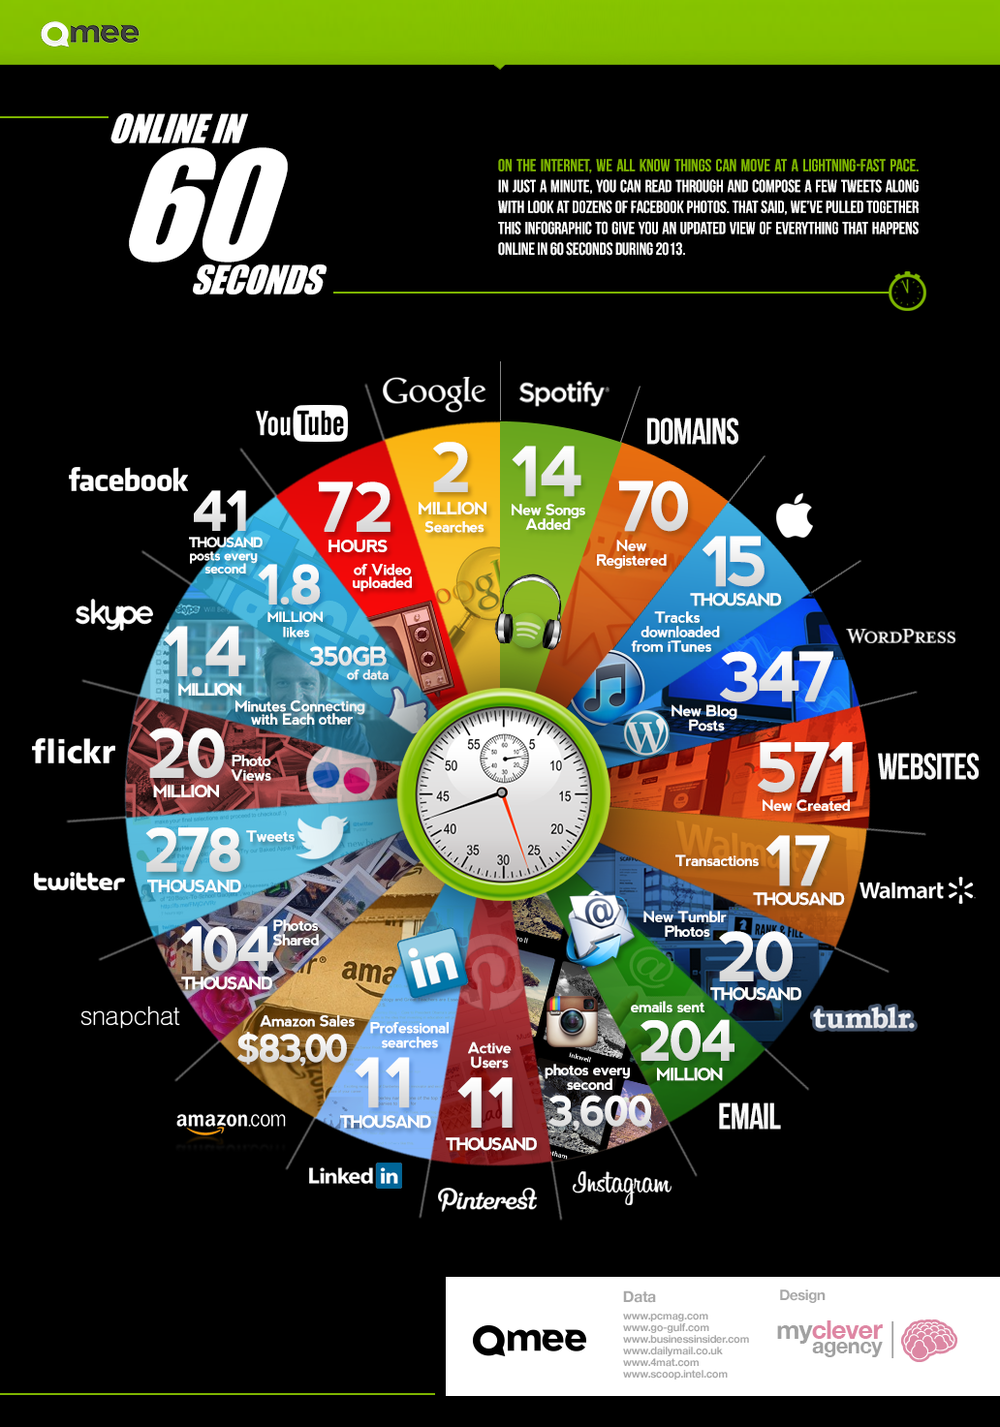 Online in 60 seconds - 2013 | Source:   Qmee